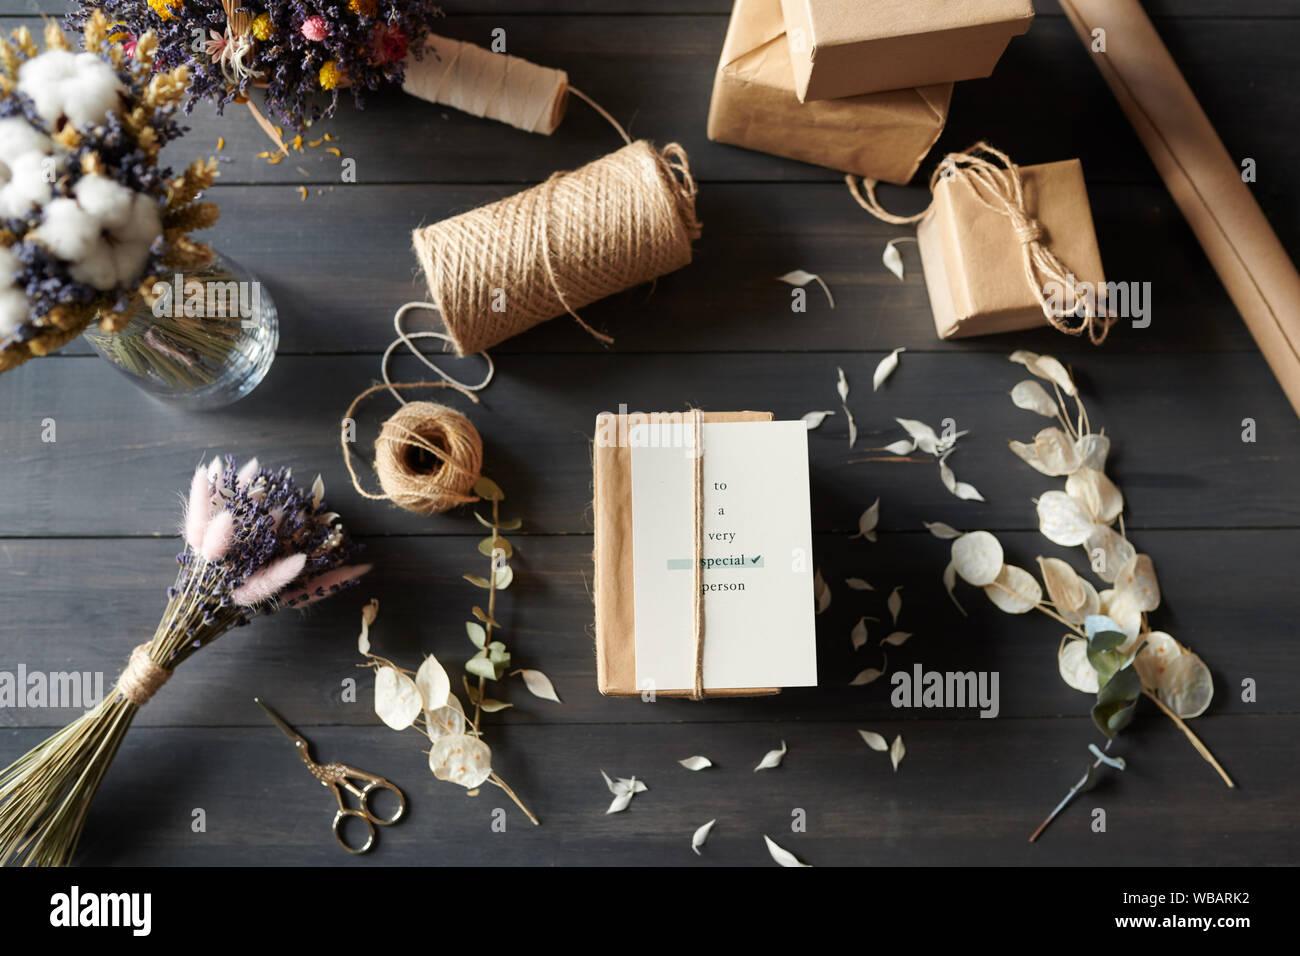 Voir ci-dessus des cadeaux emballés sur table avec des pétales en désordre Banque D'Images